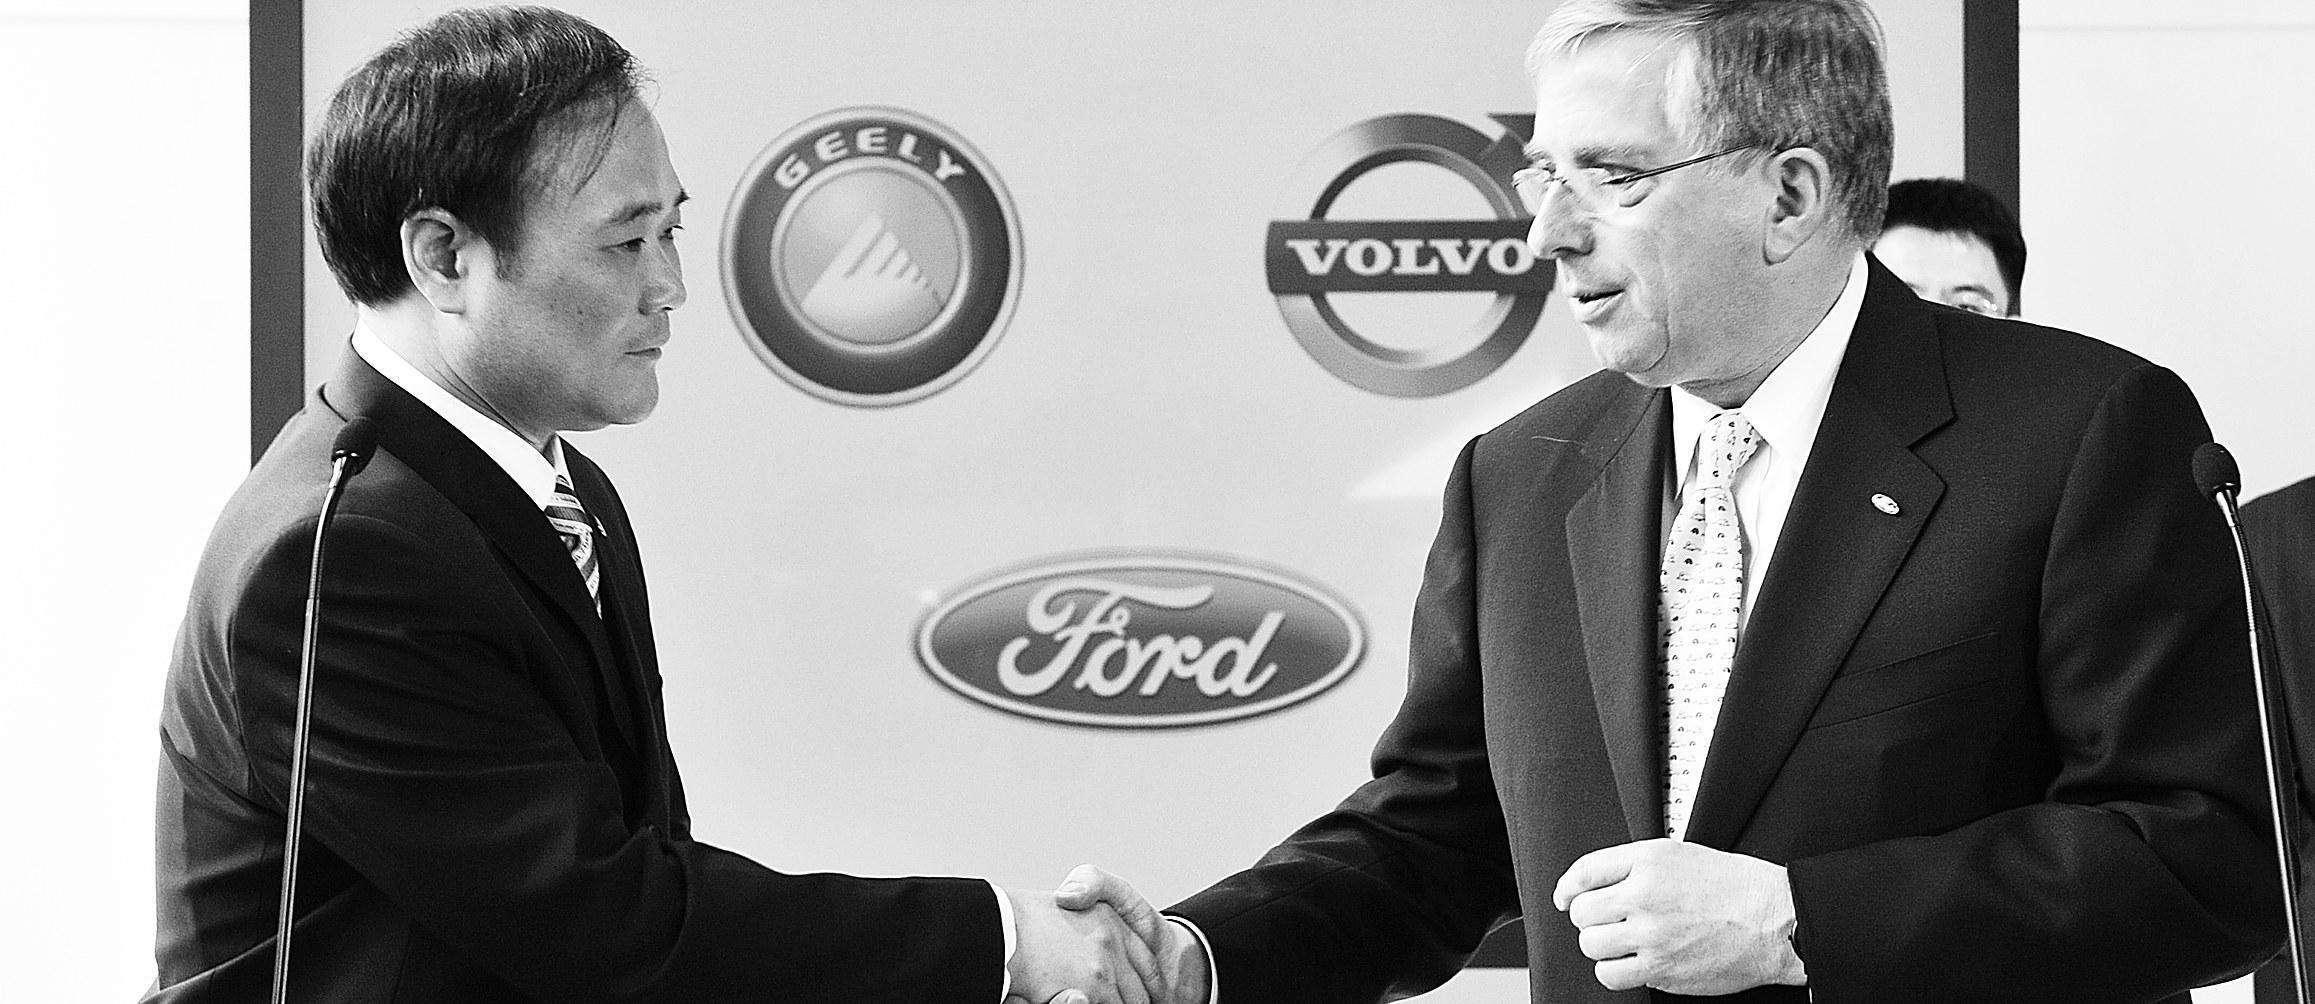 李书福从福特总裁穆拉利手中接过沃尔沃的品牌